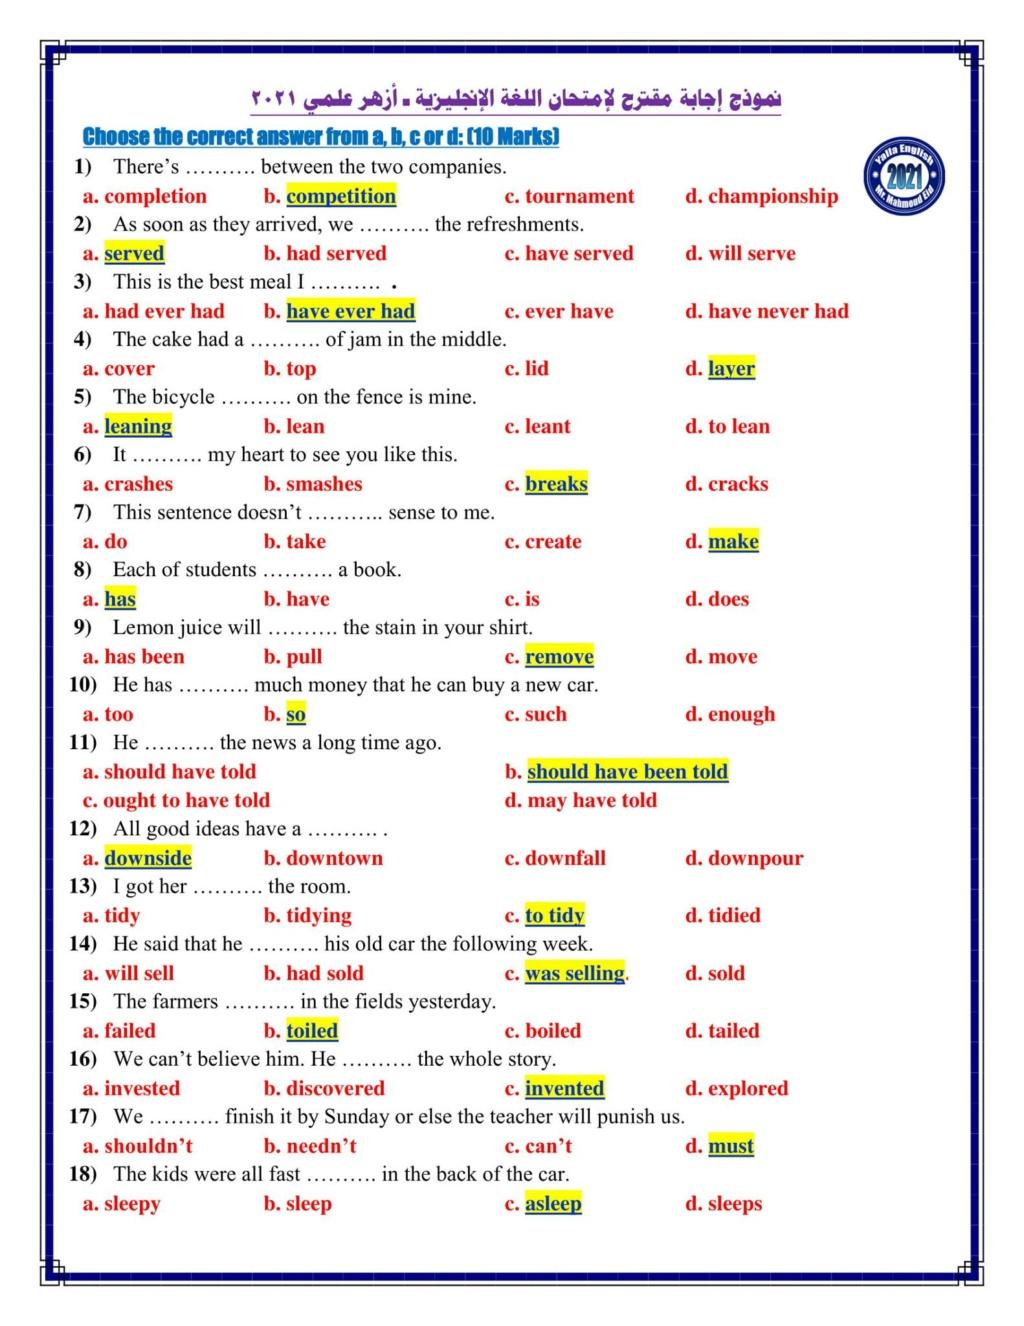 امتحان اللغة الانجليزية للثانوية الازهرية 2021 بالاجابات 13806